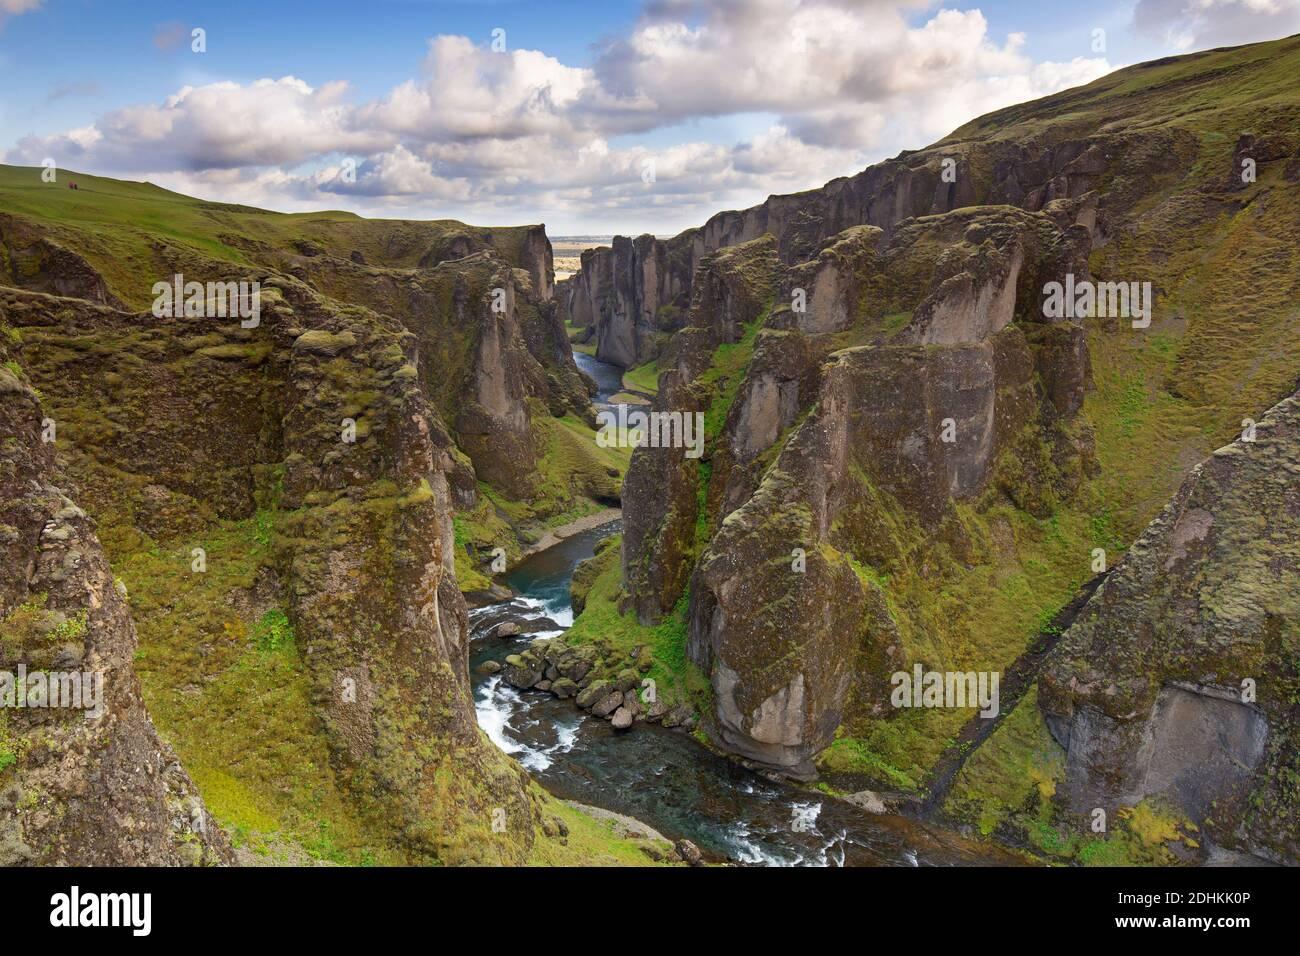 Fjaðrá river flowing through the Fjaðrárgljúfur / Fjadrargljufur canyon near Kirkjubæjarklaustur in summer, Iceland Stock Photo